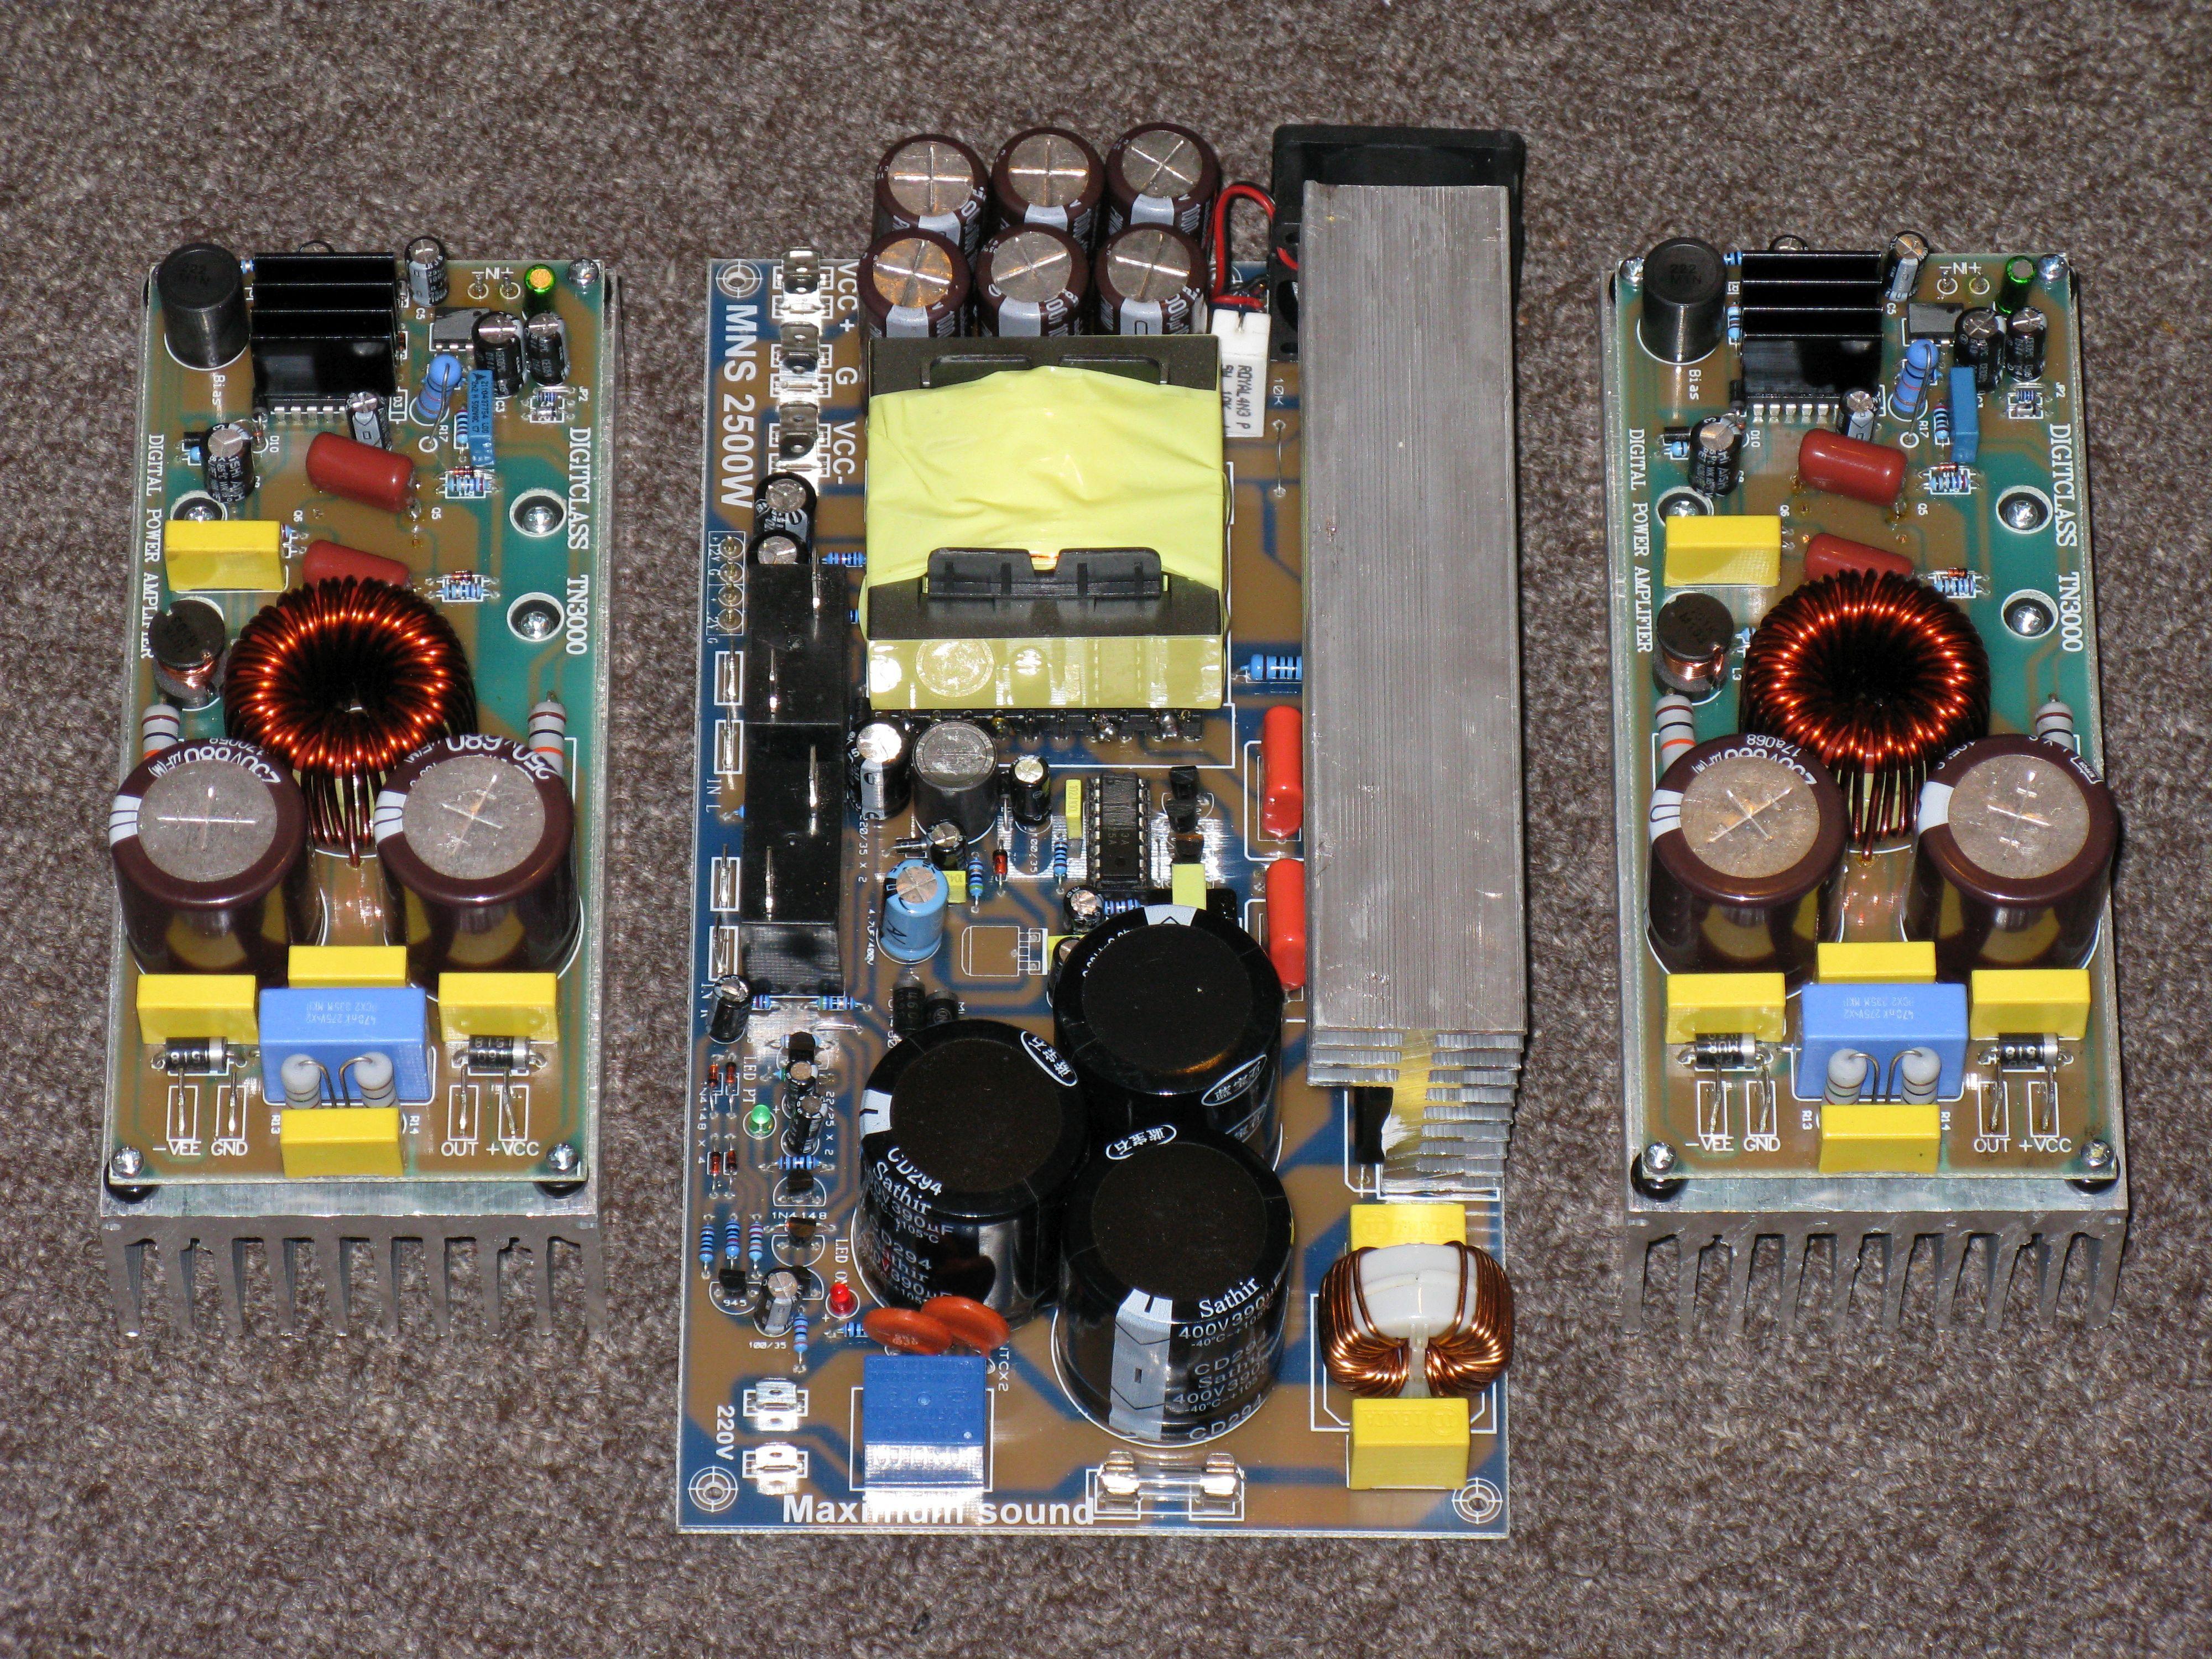 L15d Und Strker Digital Audio Amp Mit Irs2092 Archiv Seite 13 Stk Ic 60w Diy Hifi Forum